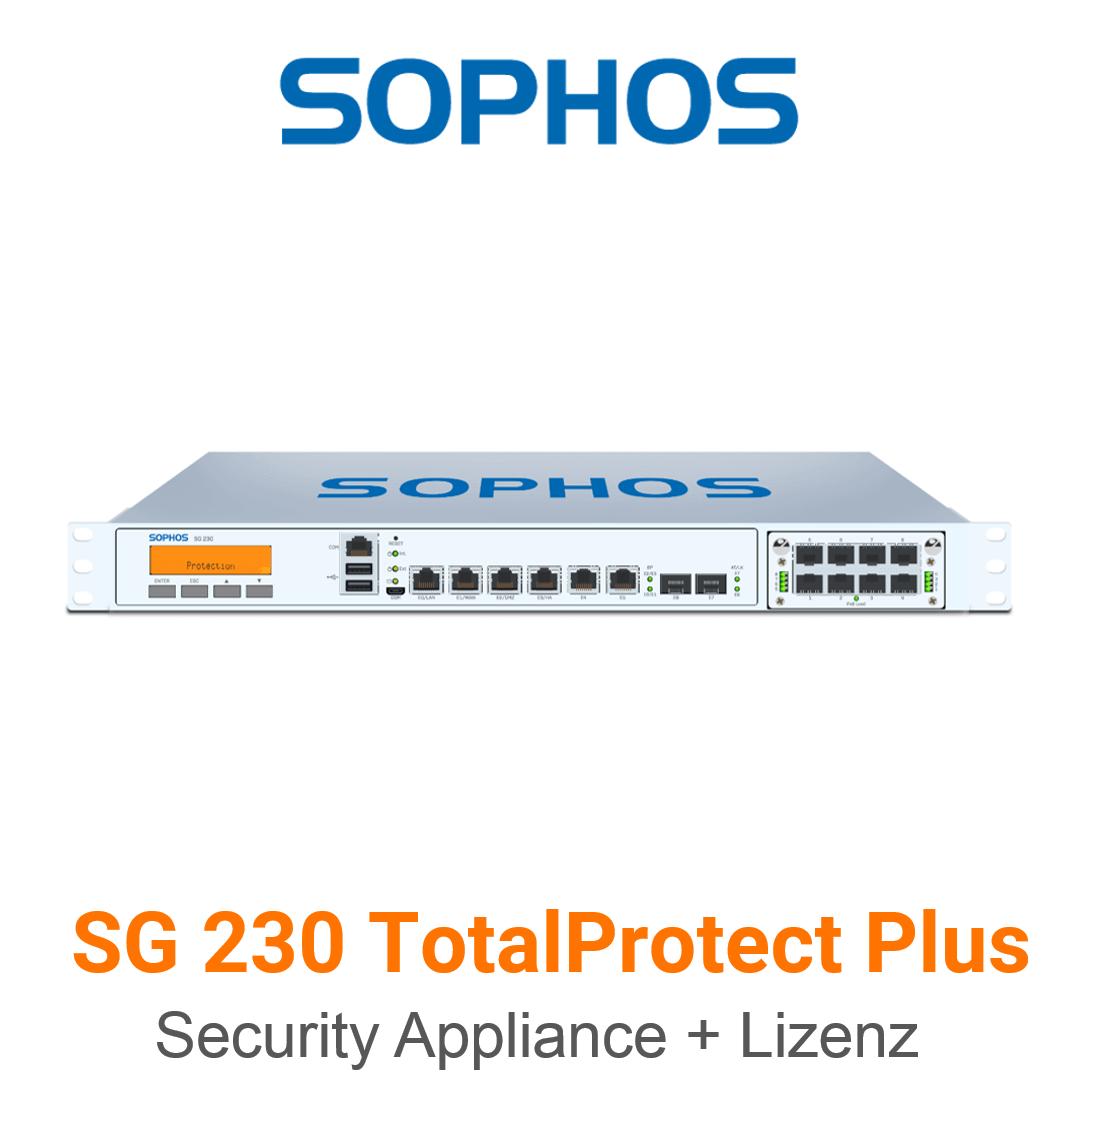 Sophos SG 230 TotalProtect Plus Bundle (Hardware + Lizenz)